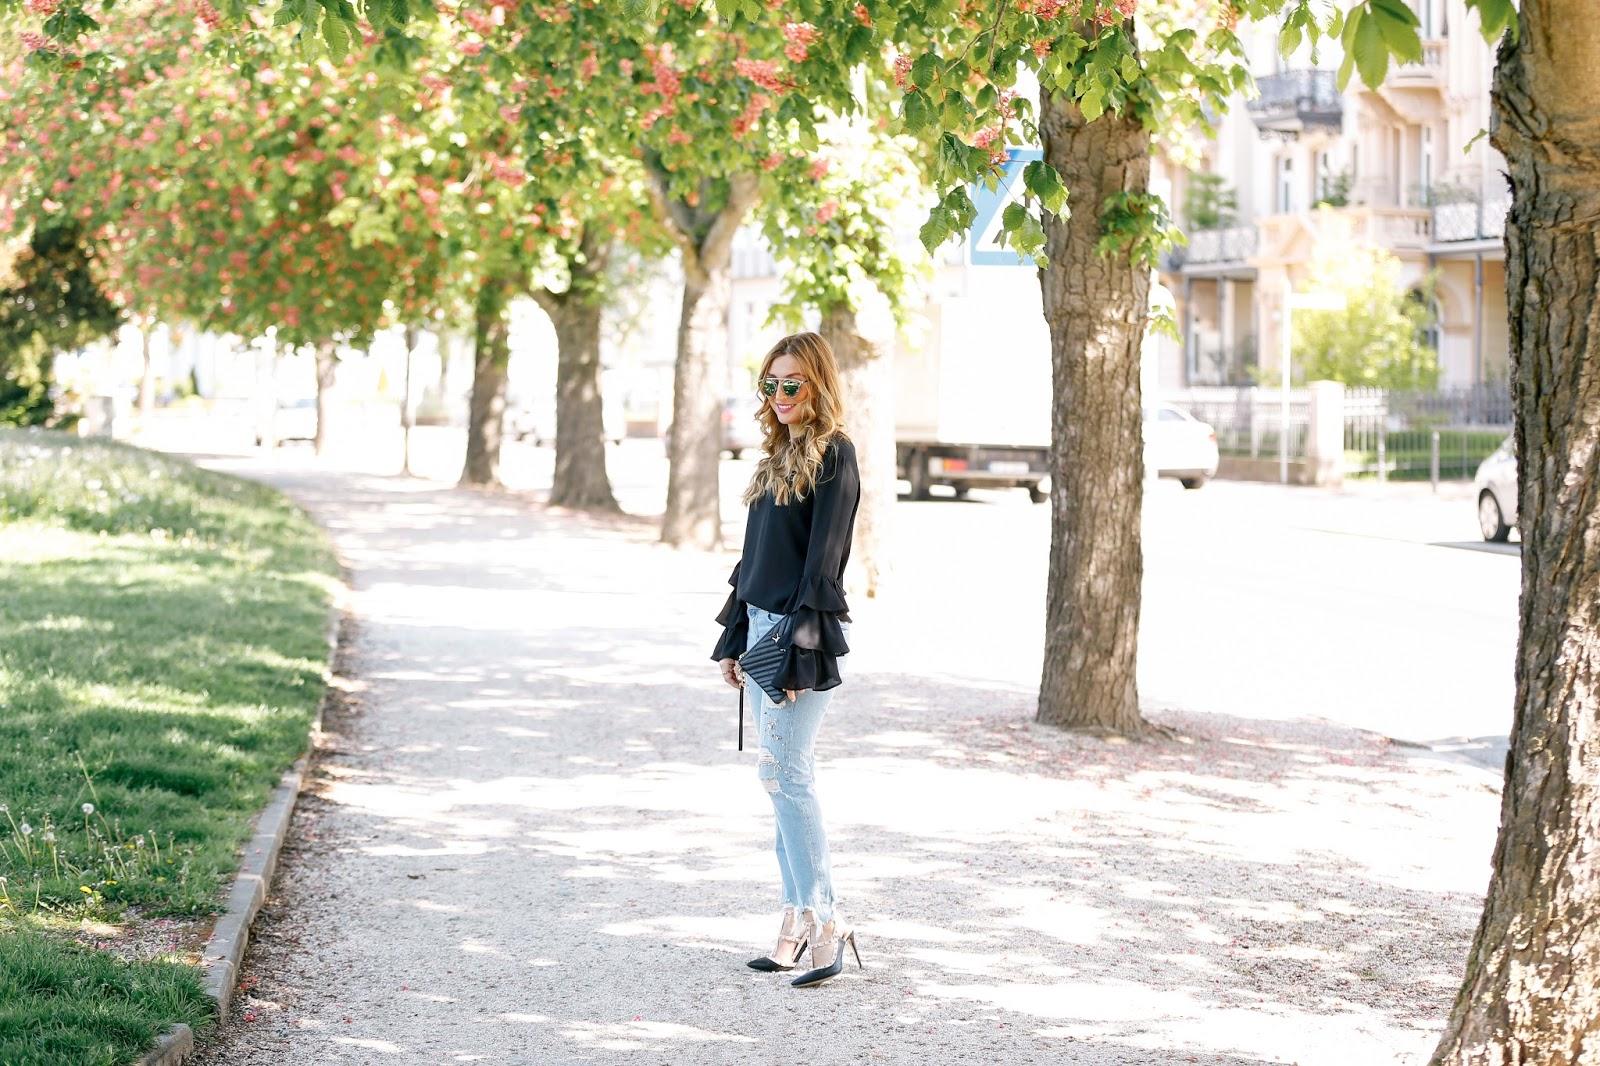 ysl-tasche-schwarze-saint-laurant-tasche-blogger-bloggerstyle-blogger-aus-deutschland-deutsche-fashionblogger-zara-jeans-jeans-mit-perlene-ripped-jeans-chic-stylen-